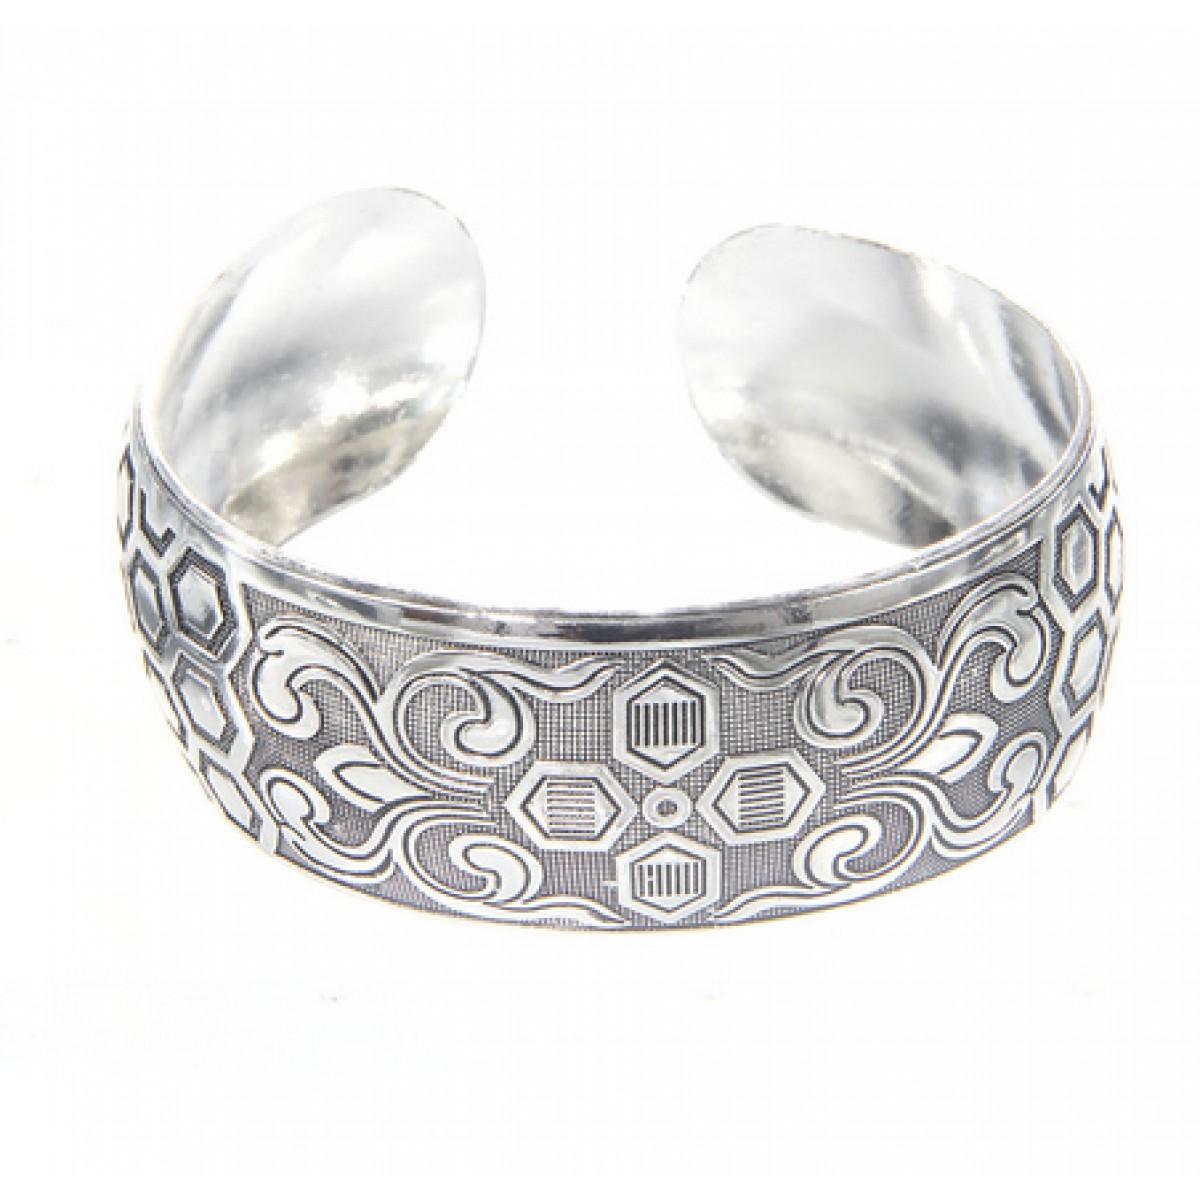 b5c1bddfb Tribal Bracelets : Chunky Silver Bracelet